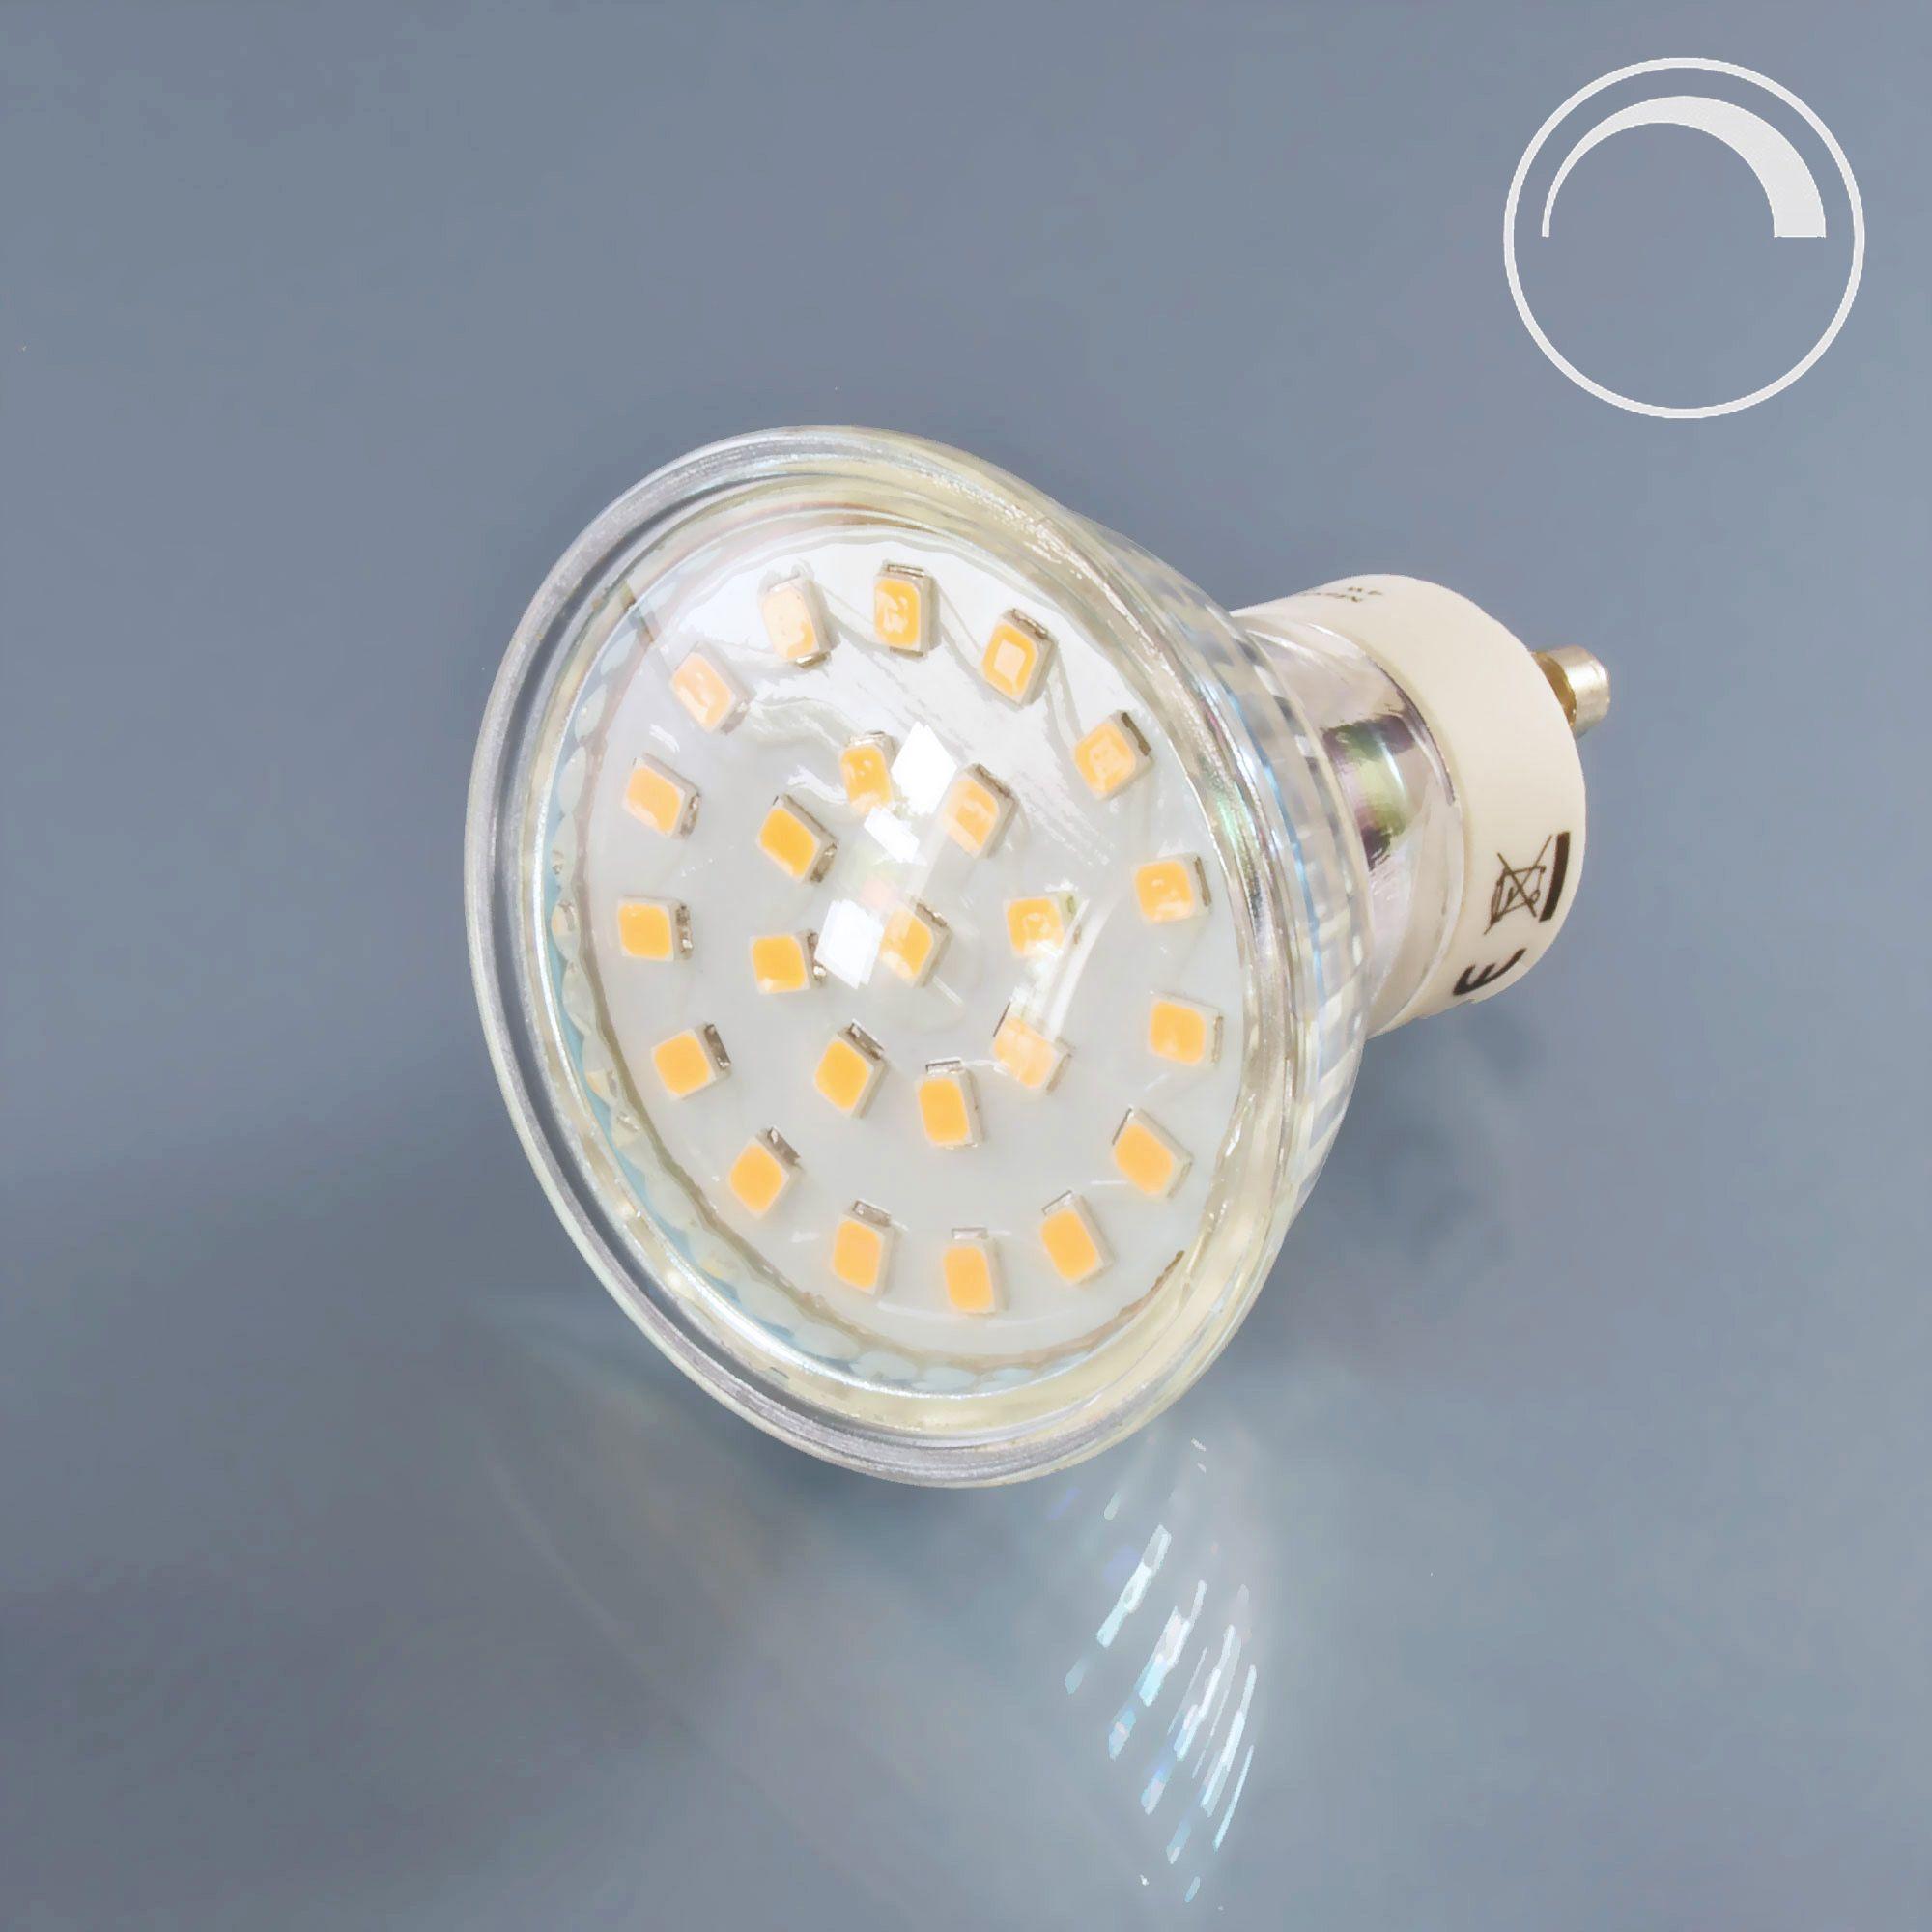 LED Spot Lampe Glas 4 Watt dimmbar GU10 230V